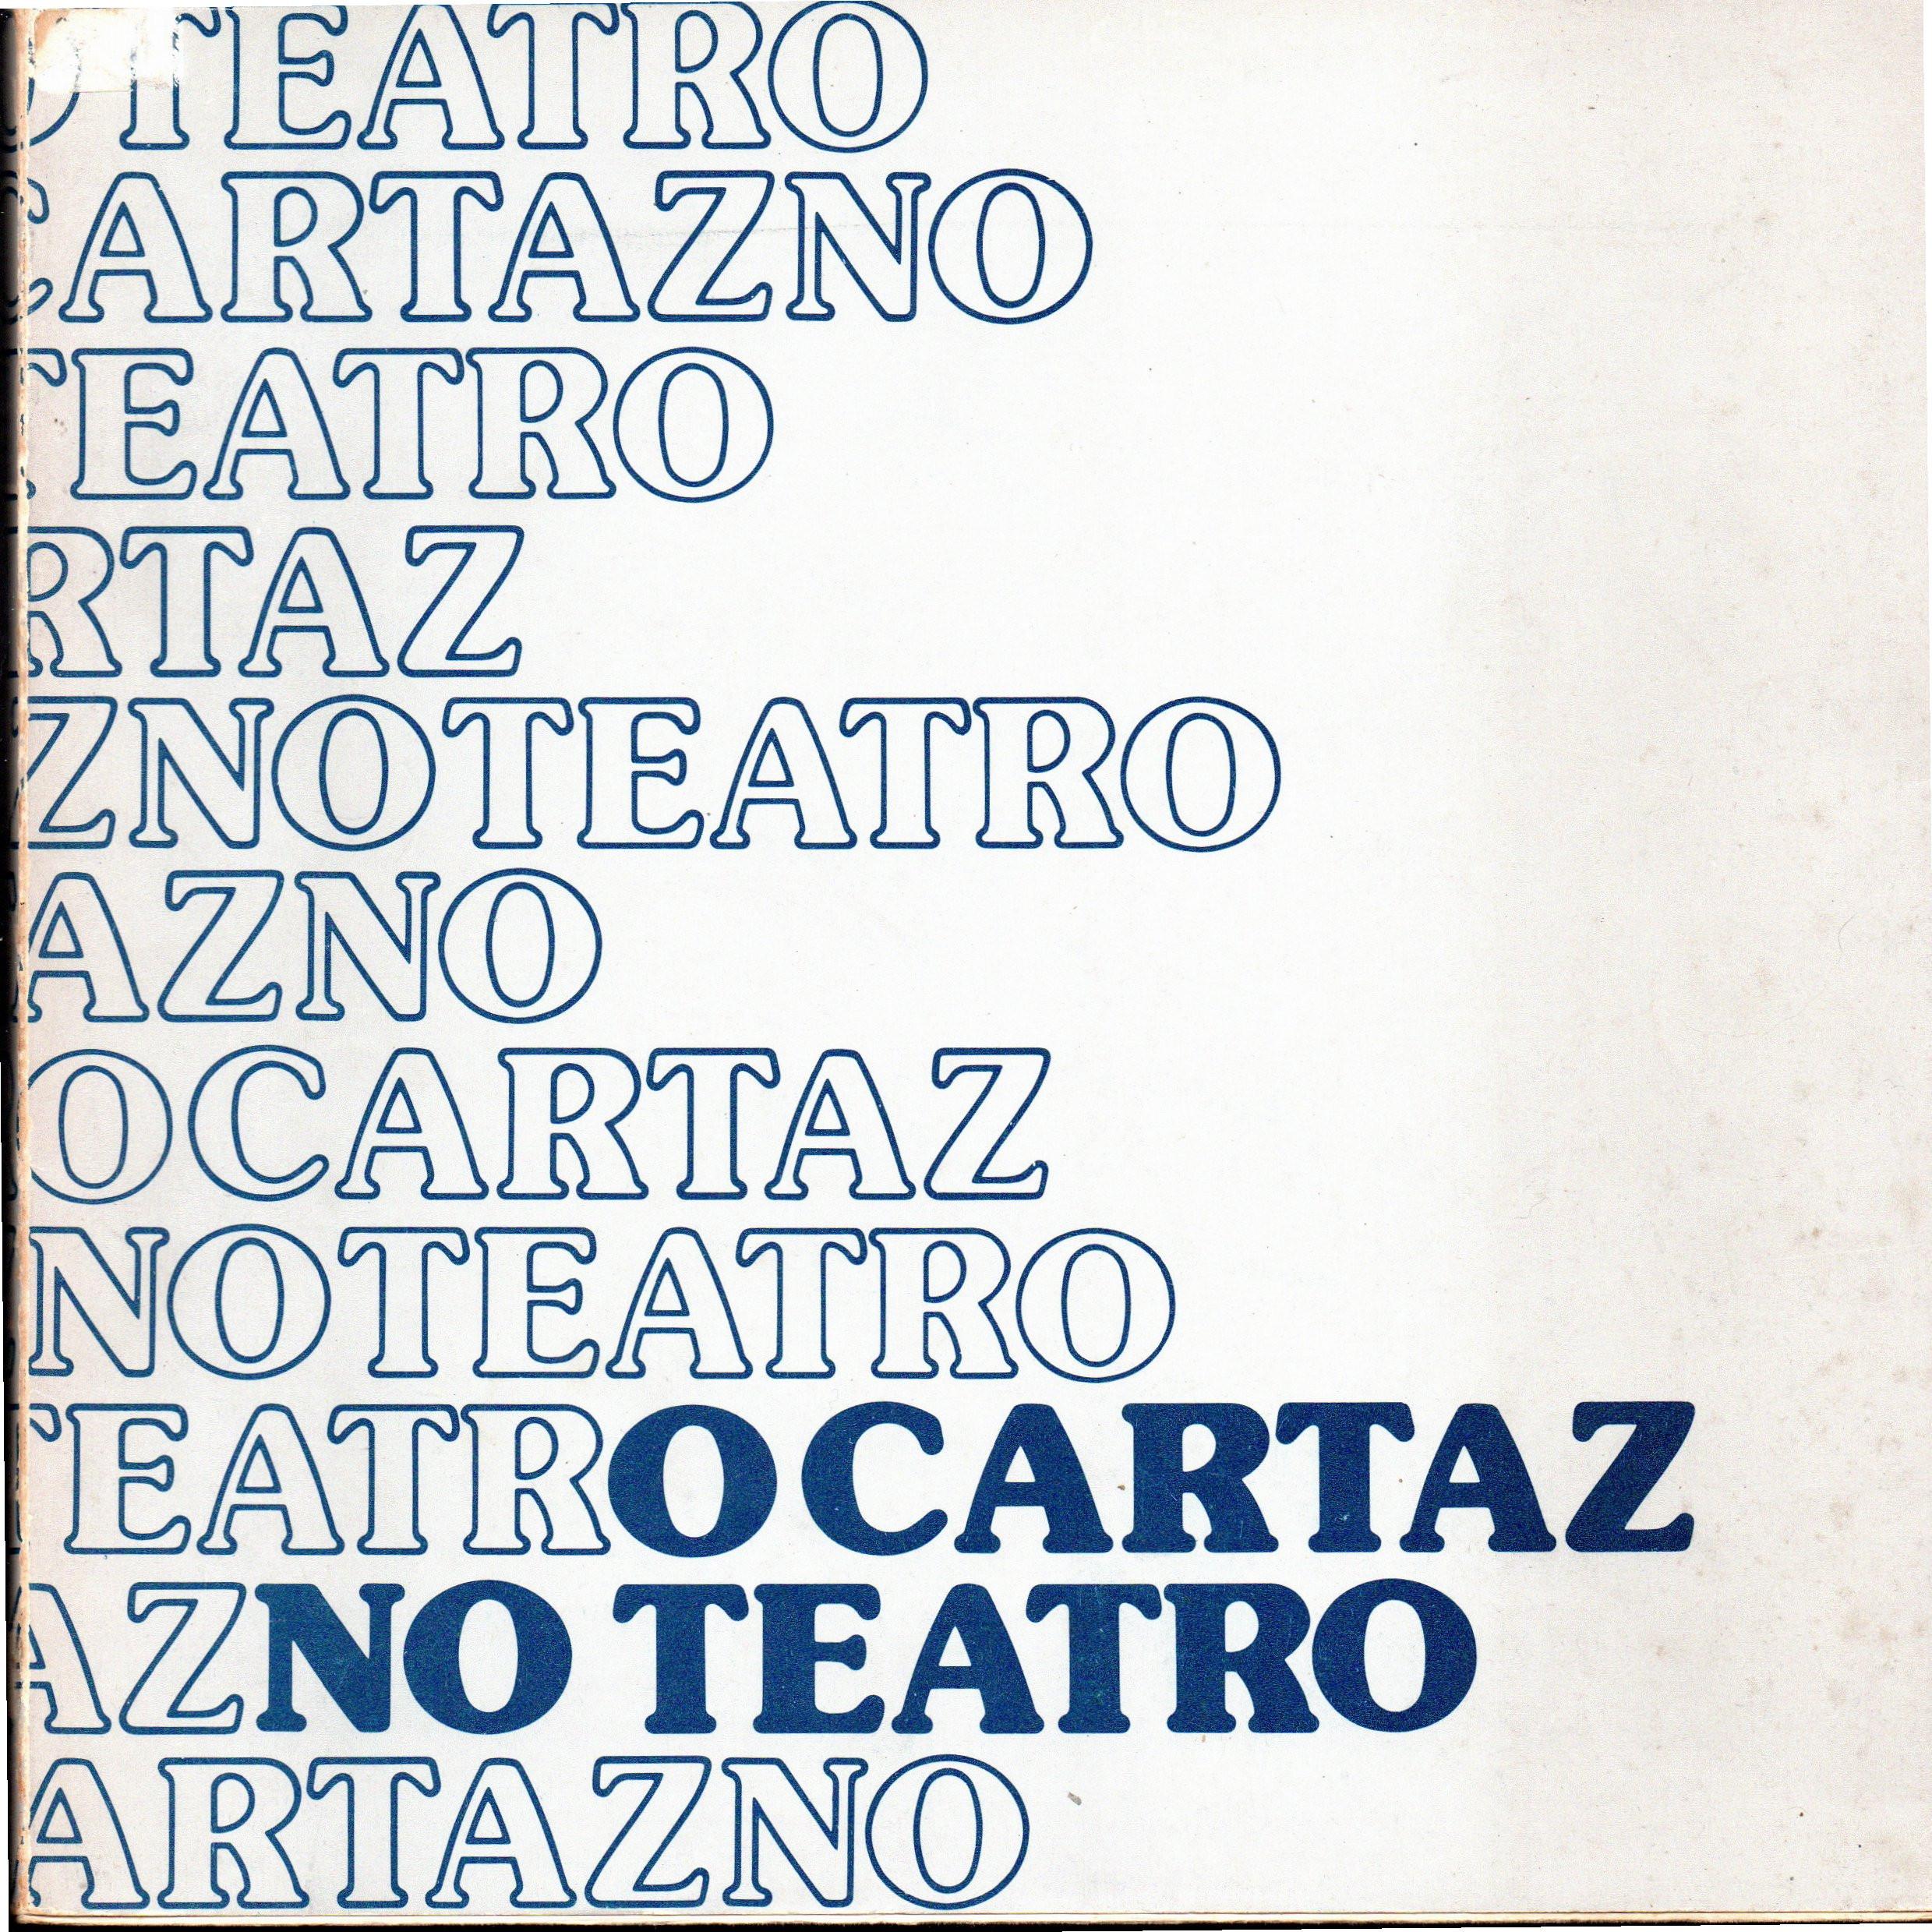 O cartaz no teatro